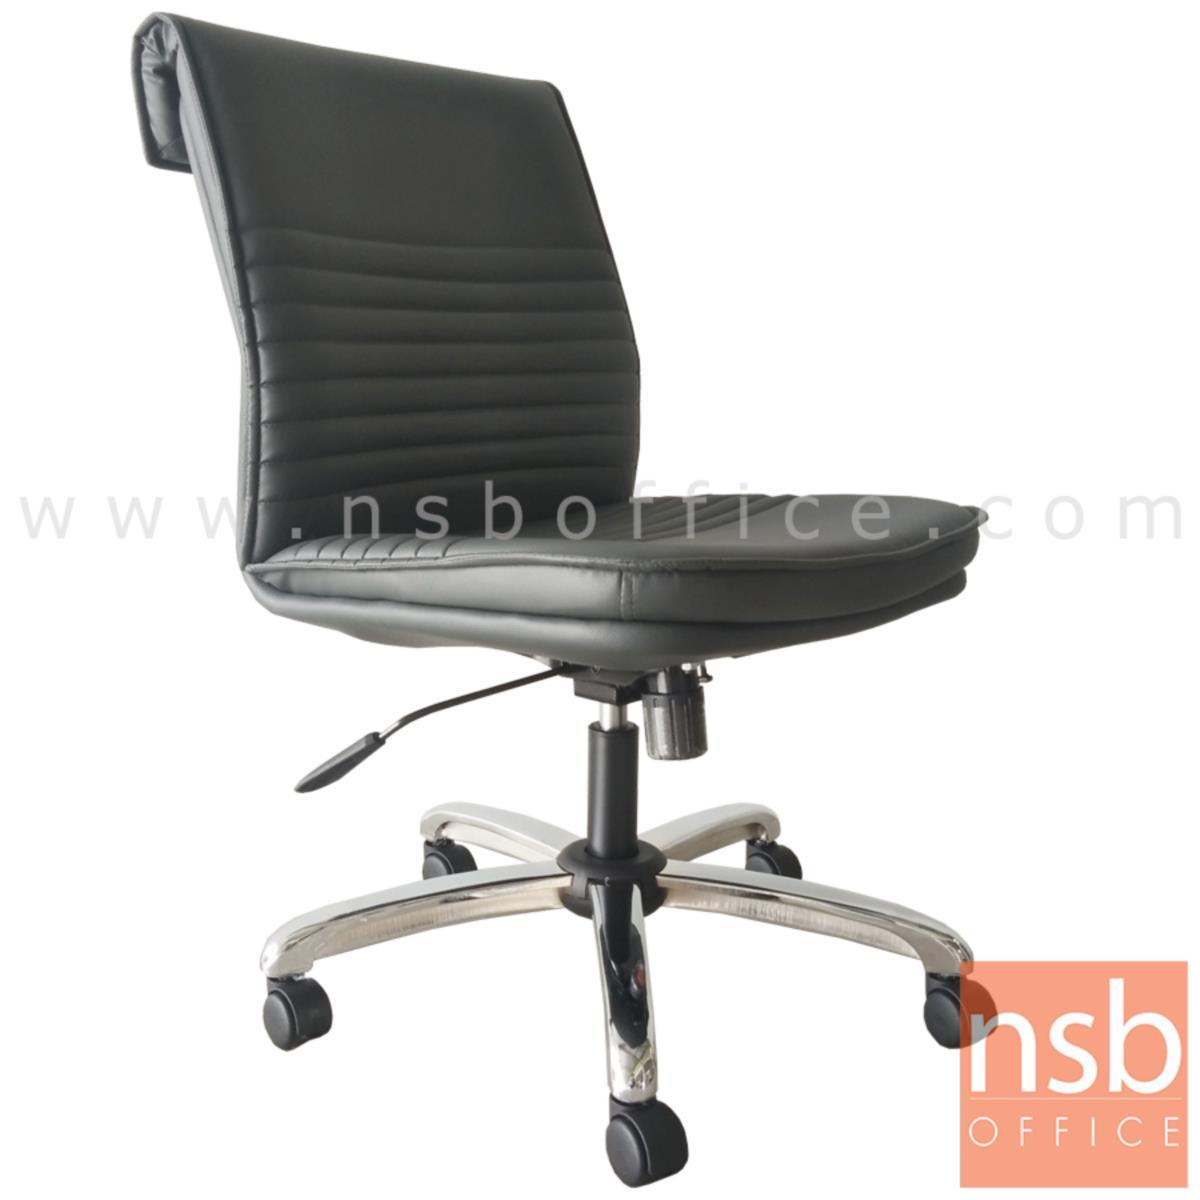 B03A417:เก้าอี้สำนักงาน รุ่น KS-110  มีก้อนโยก ขาเหล็กชุบโครเมี่ยม